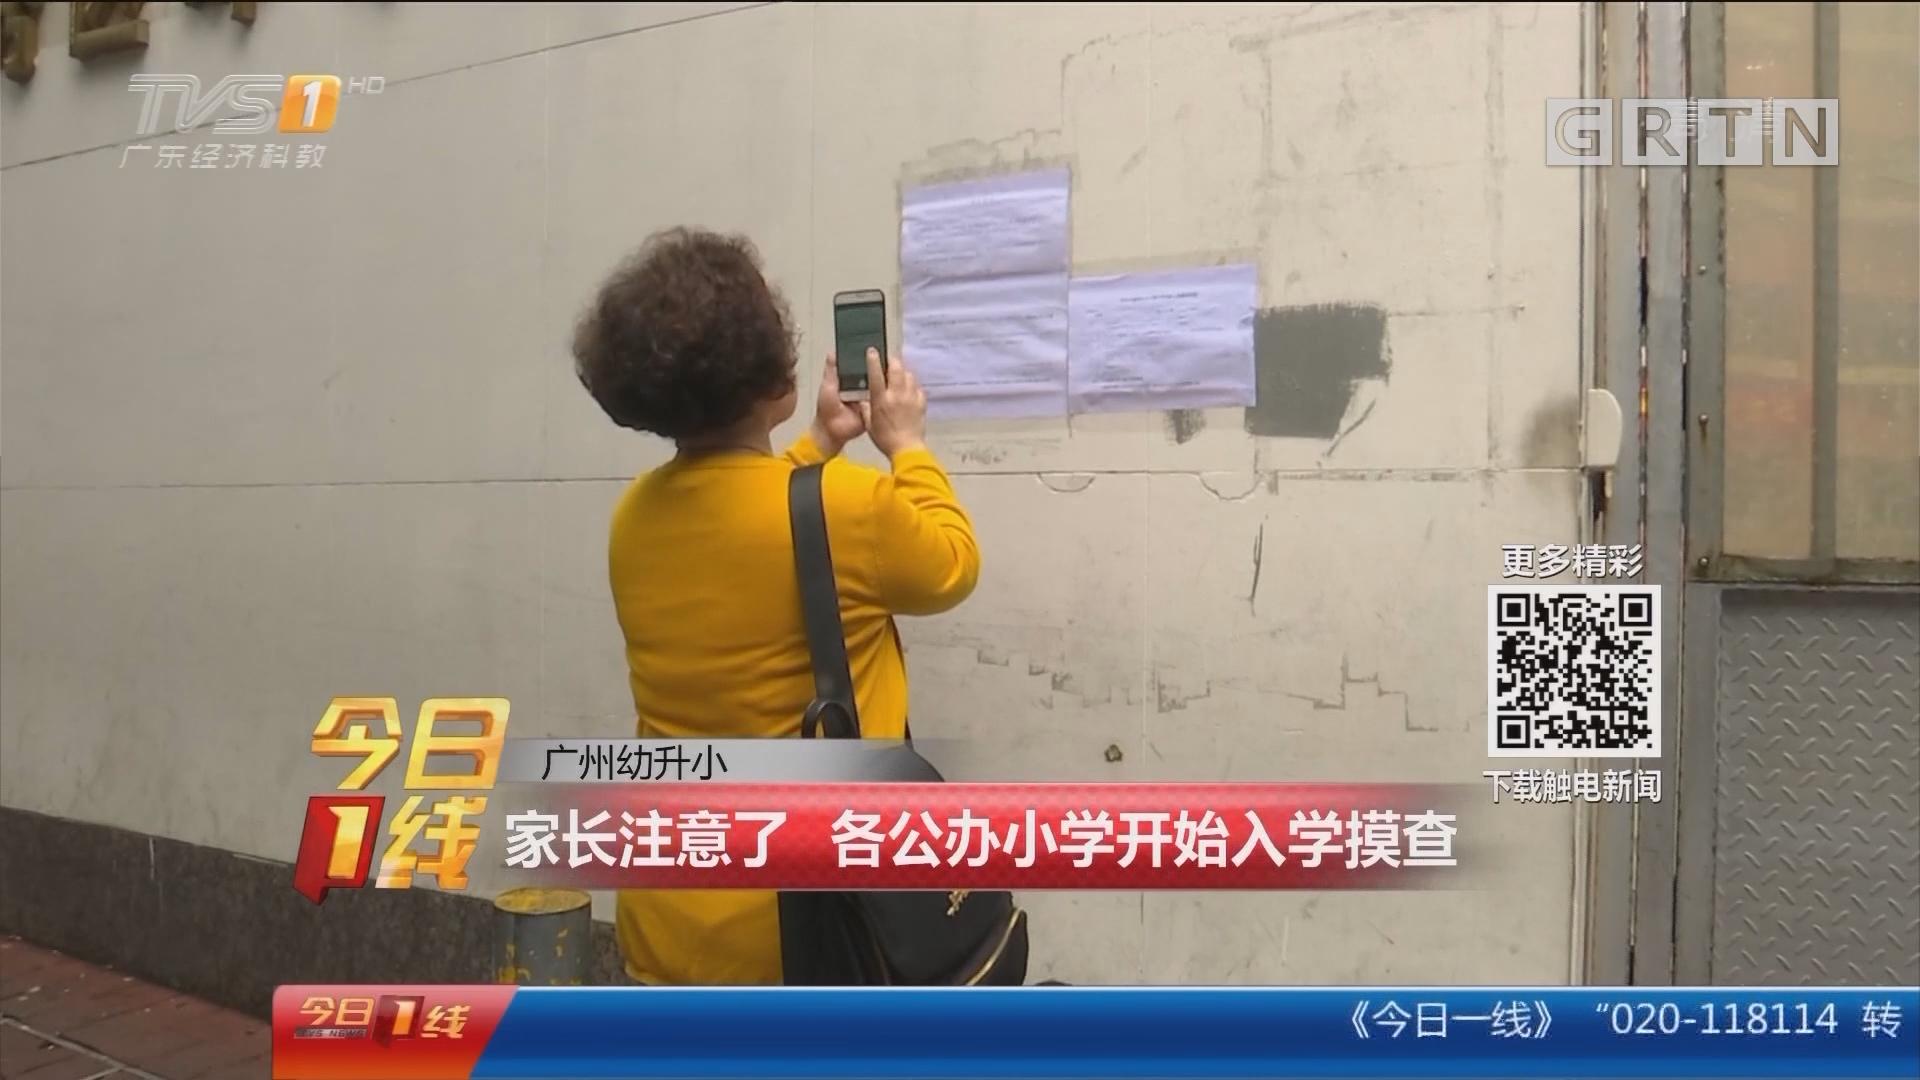 广州幼升小:家长注意了 各公办小学开始入学摸查